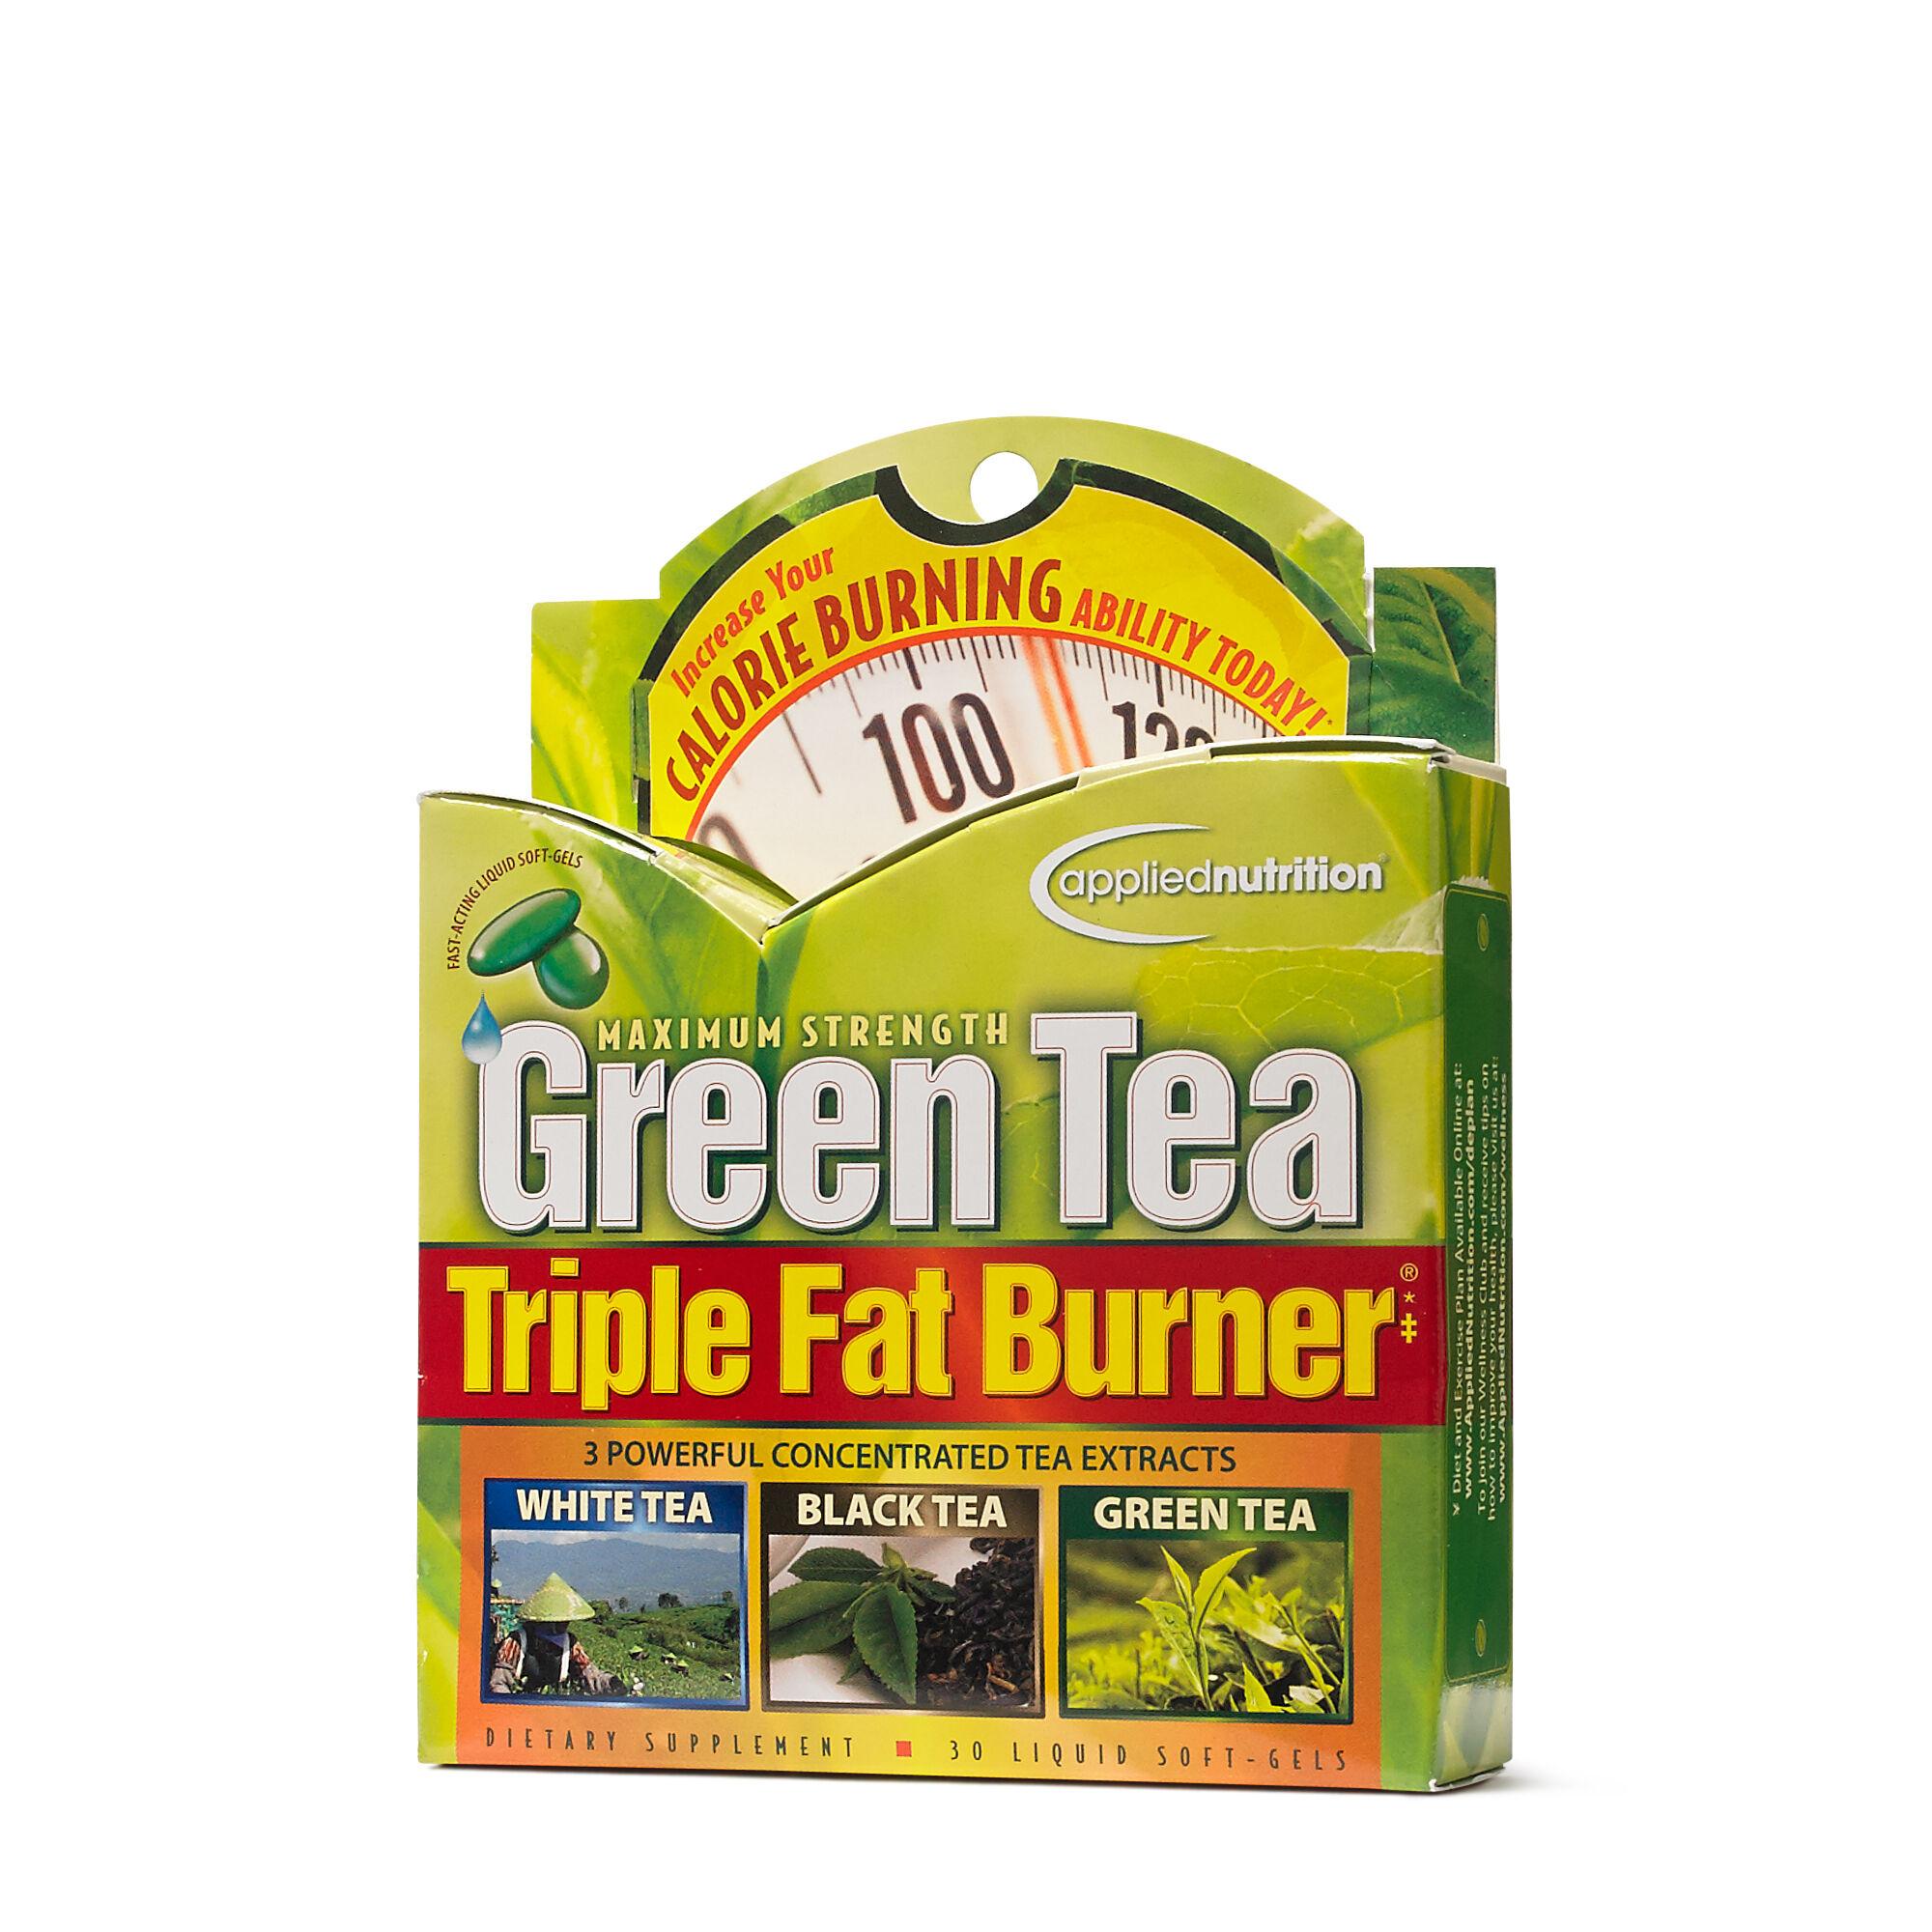 Green tea fat burning dietary supplement